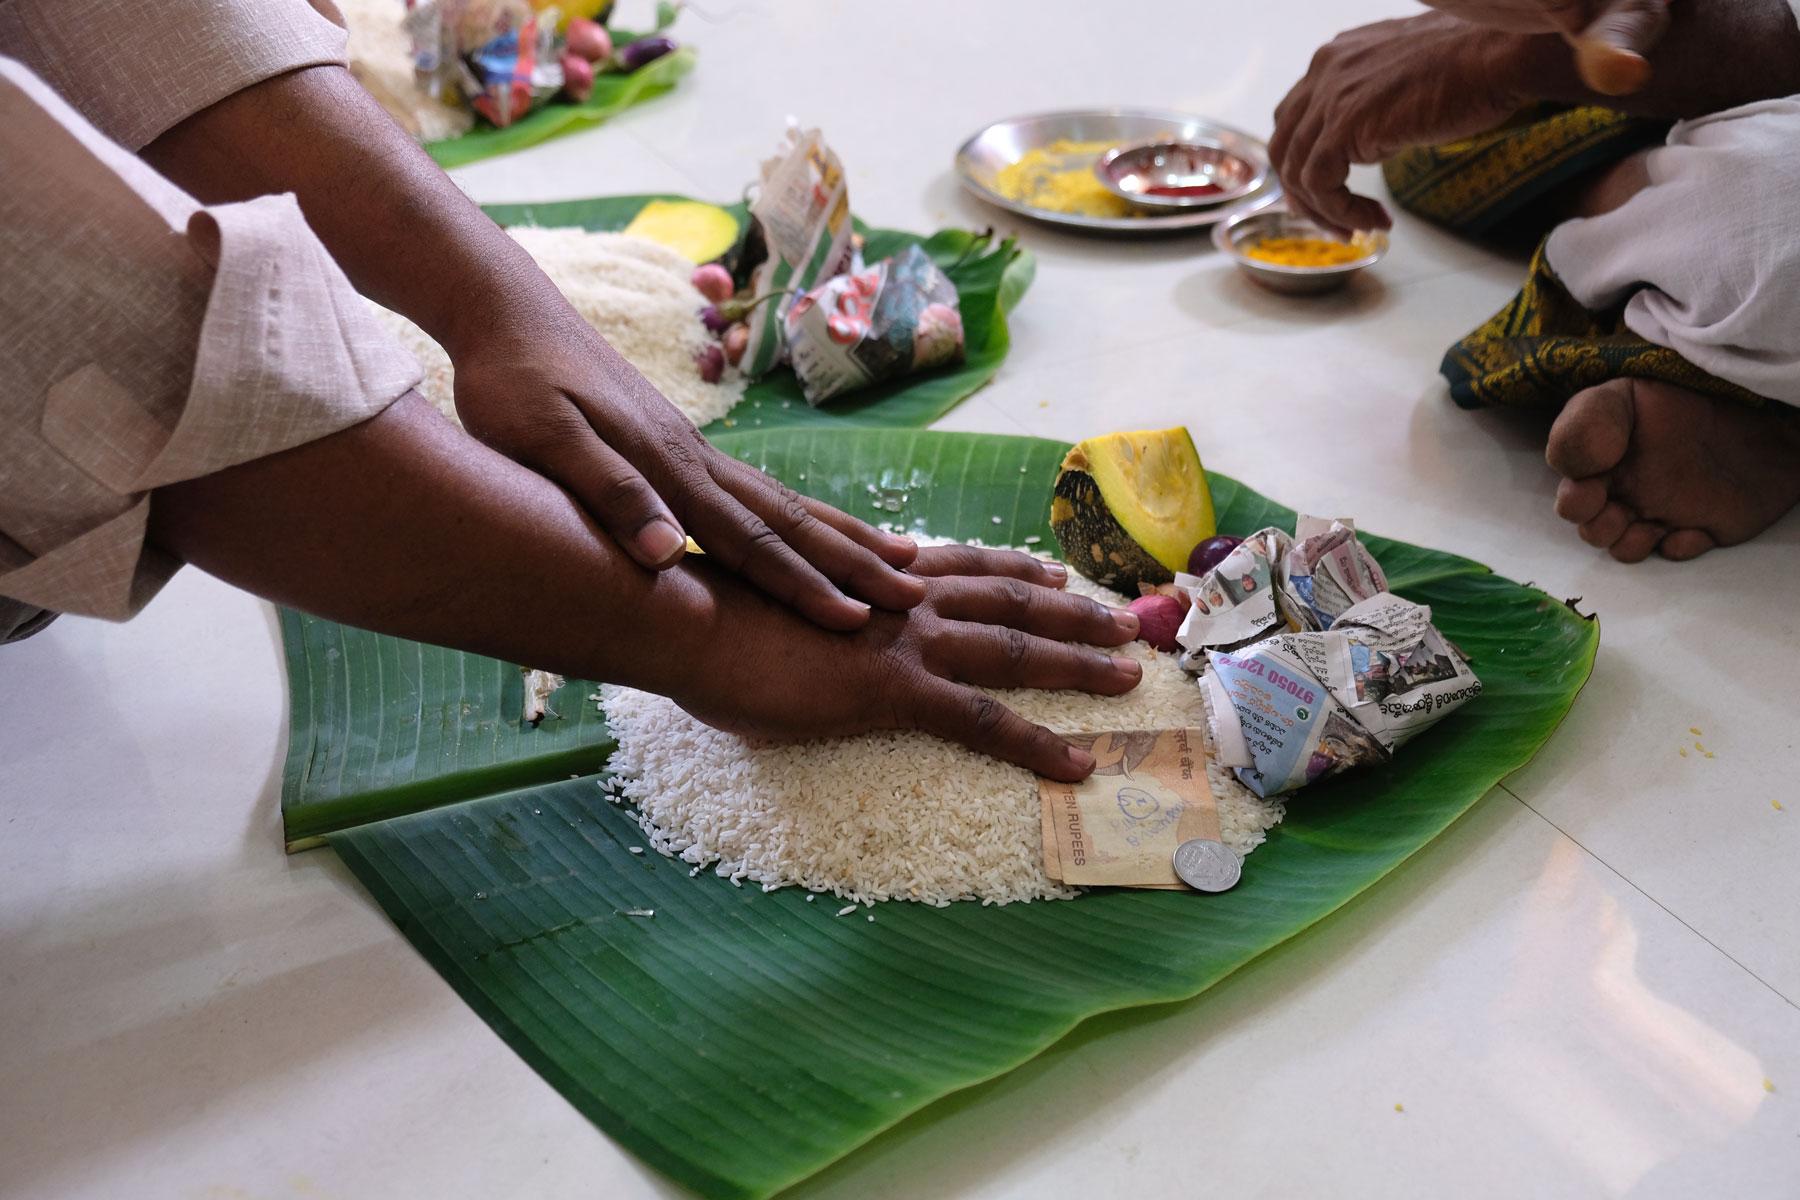 Eine Hand liegt auf ungekochtem Reis, der auf einem Bananenblatt liegt.